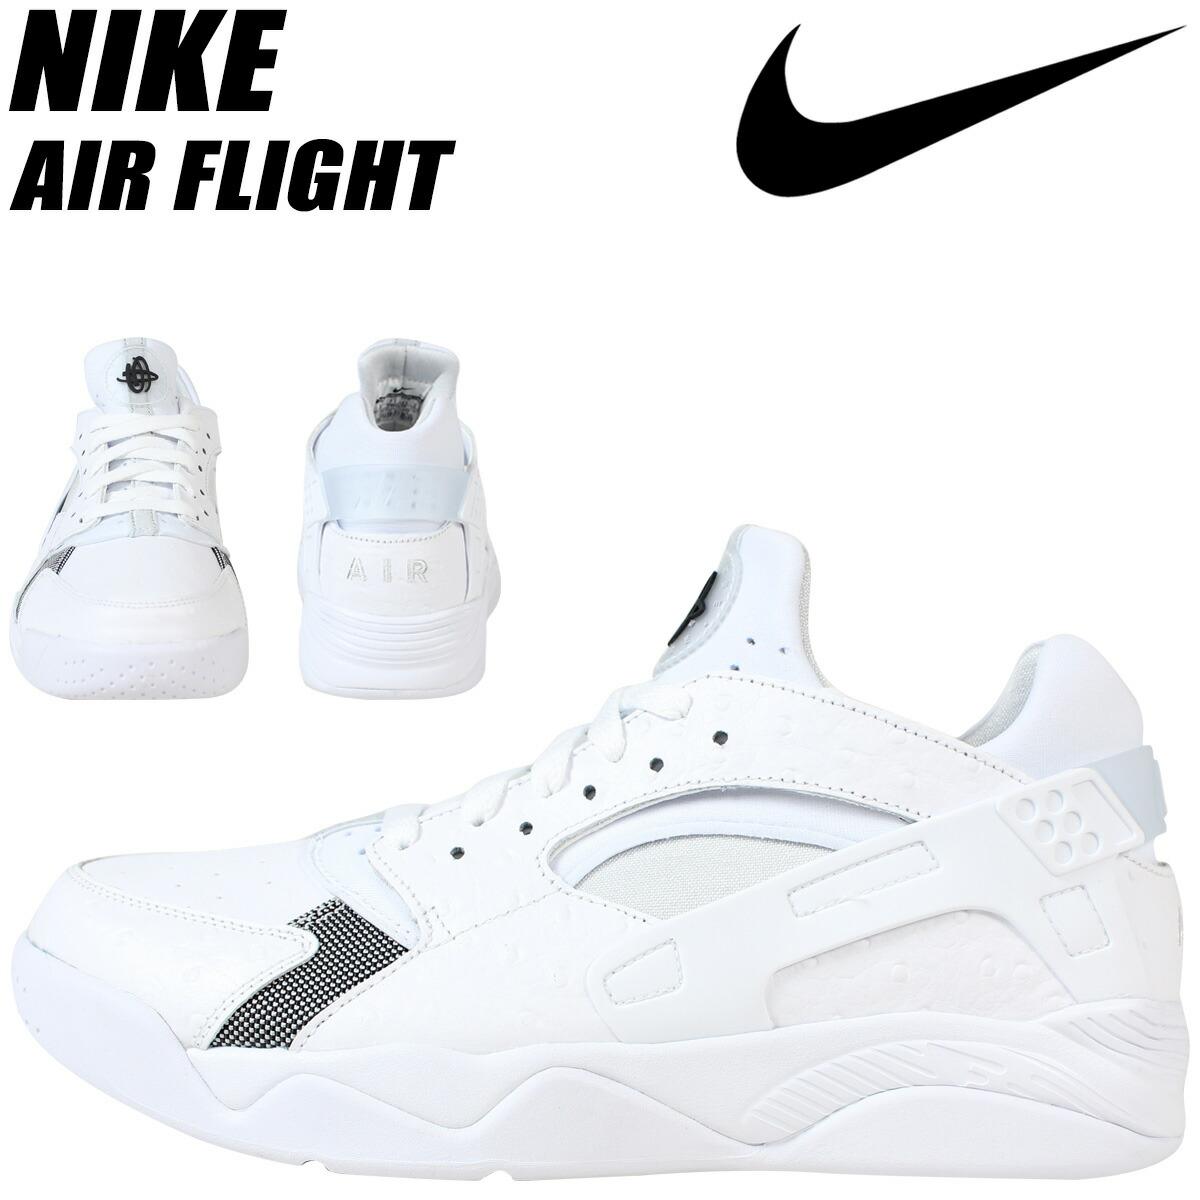 668fc950a57f4 Nike Air Flight Huarache India